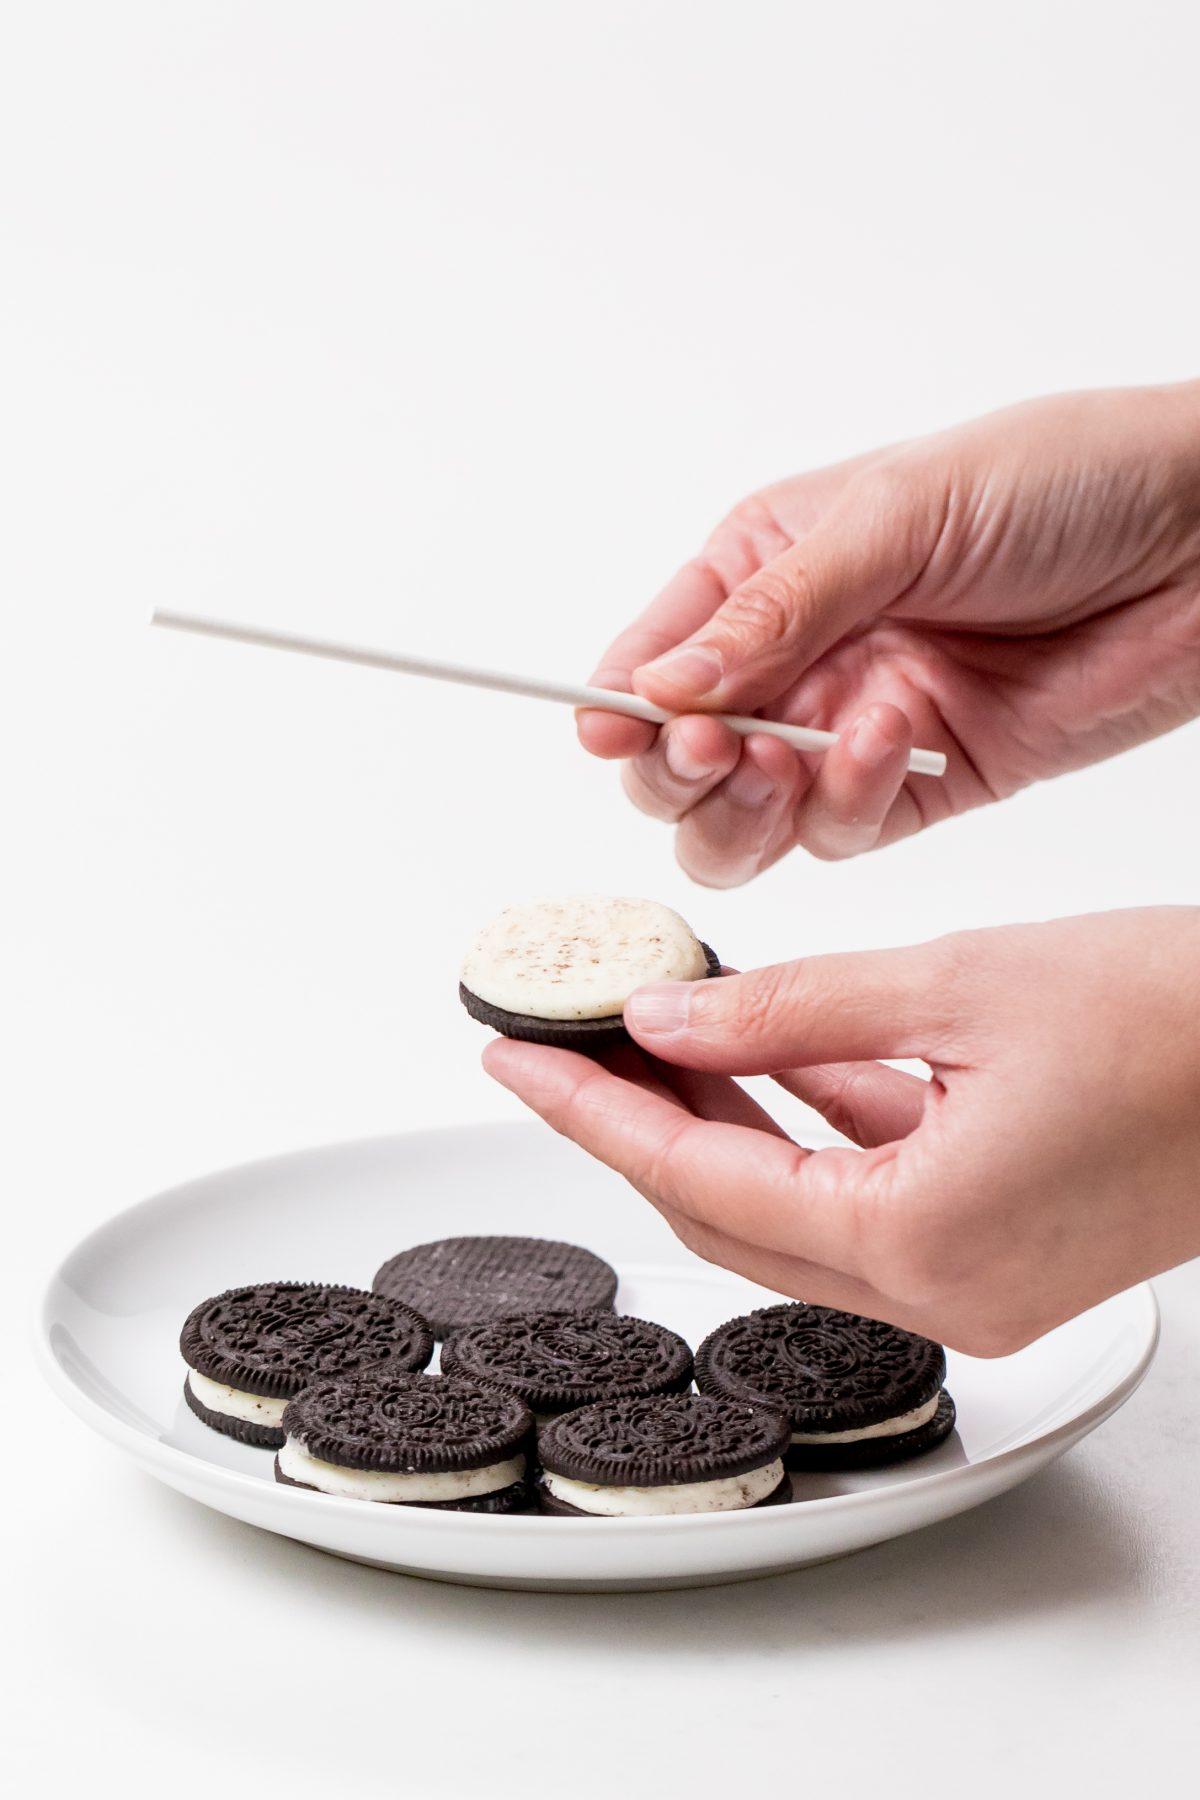 5D4B6878 - Reindeer Oreo Pops - Twist apart the Oreo cookies